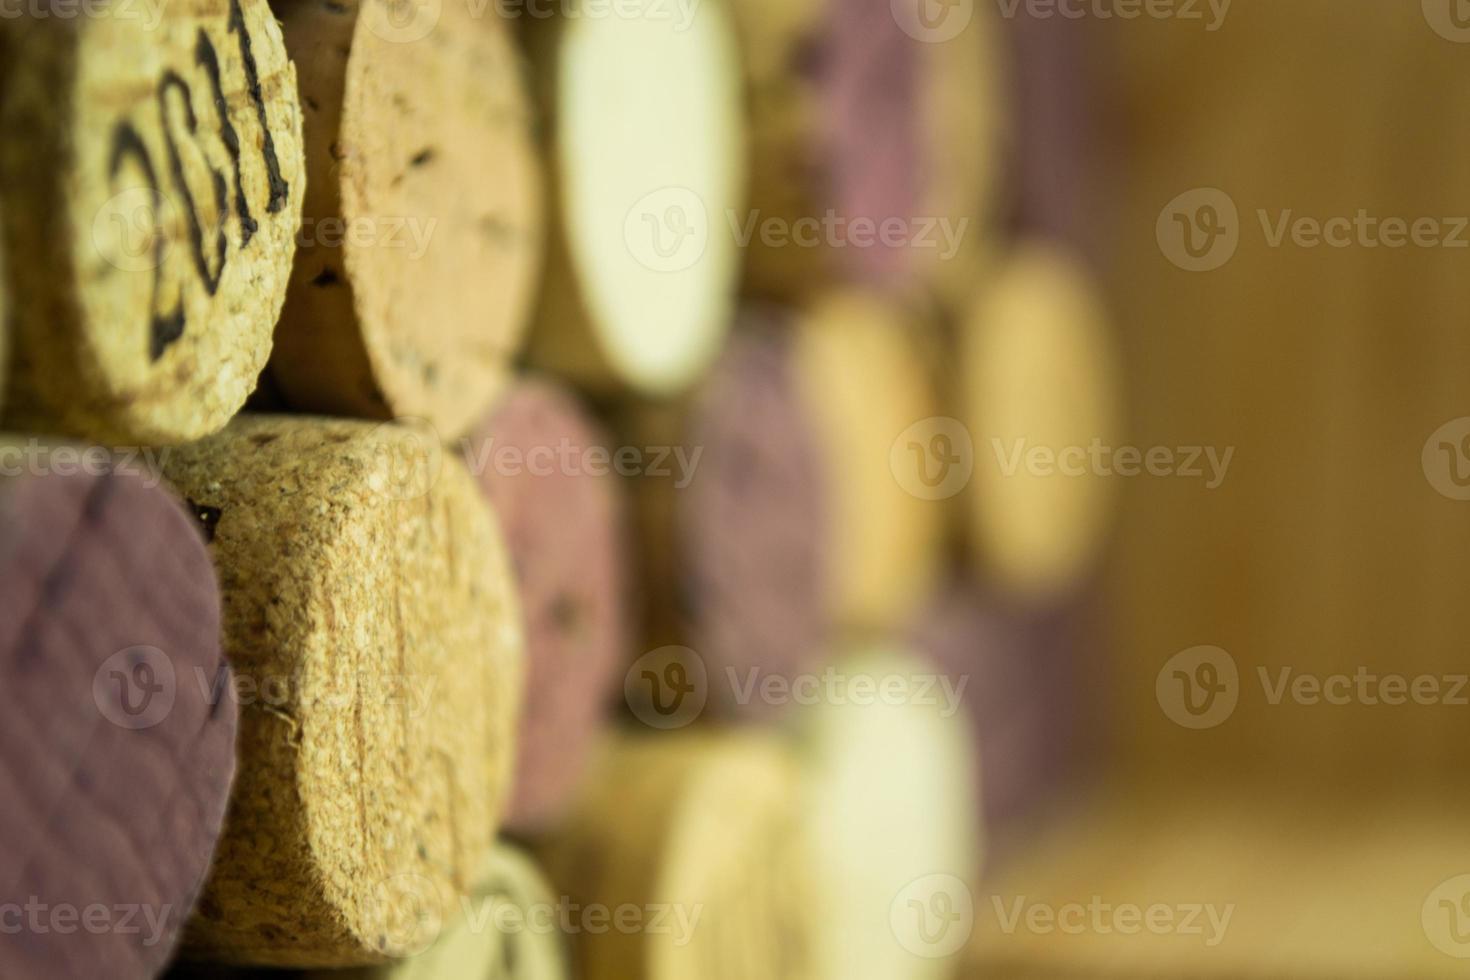 Hintergrund von verschiedenen gebrauchten Weinkorken schließen foto